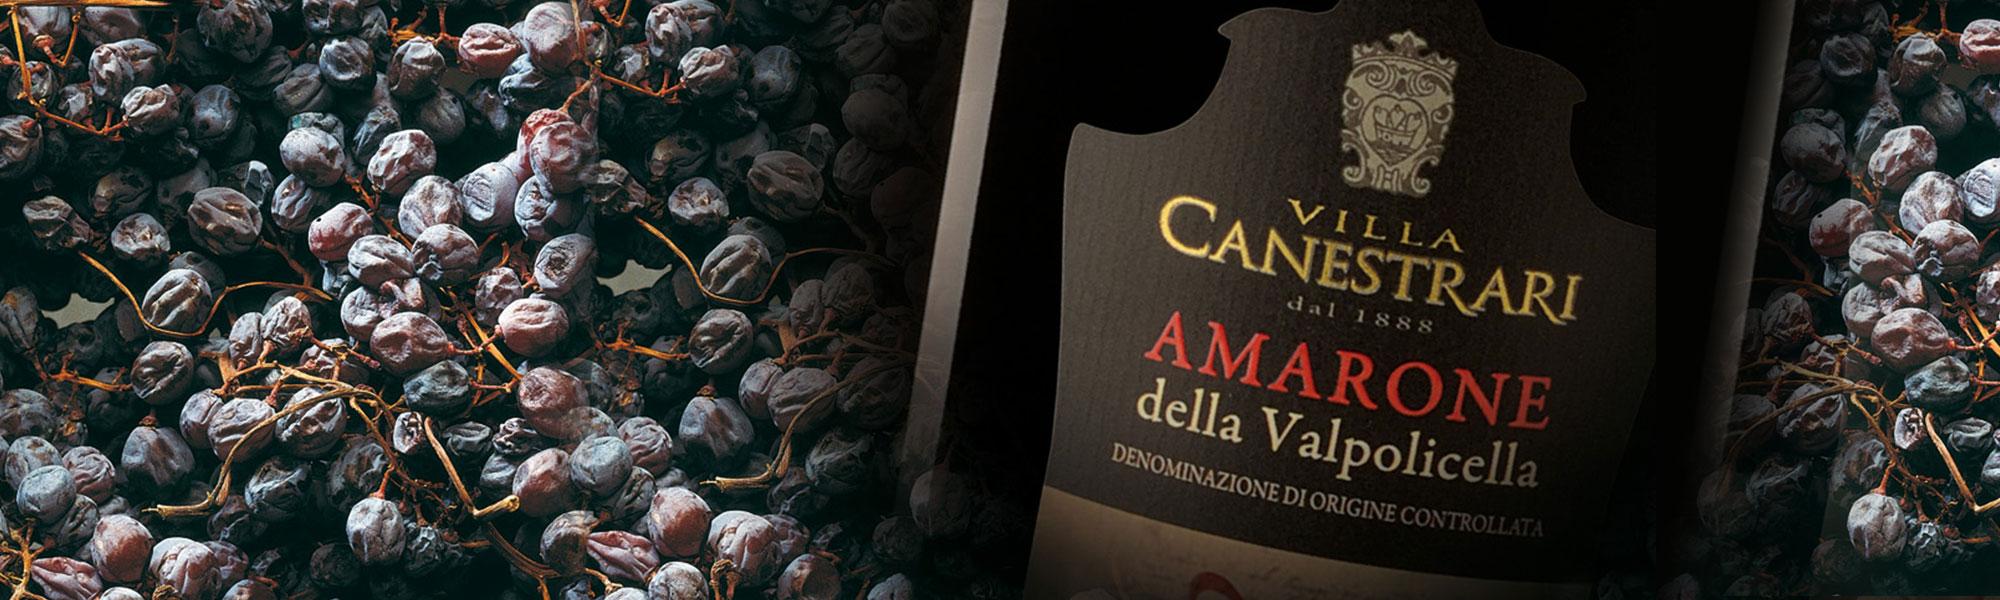 APPASSIMENTO-Amarone-1